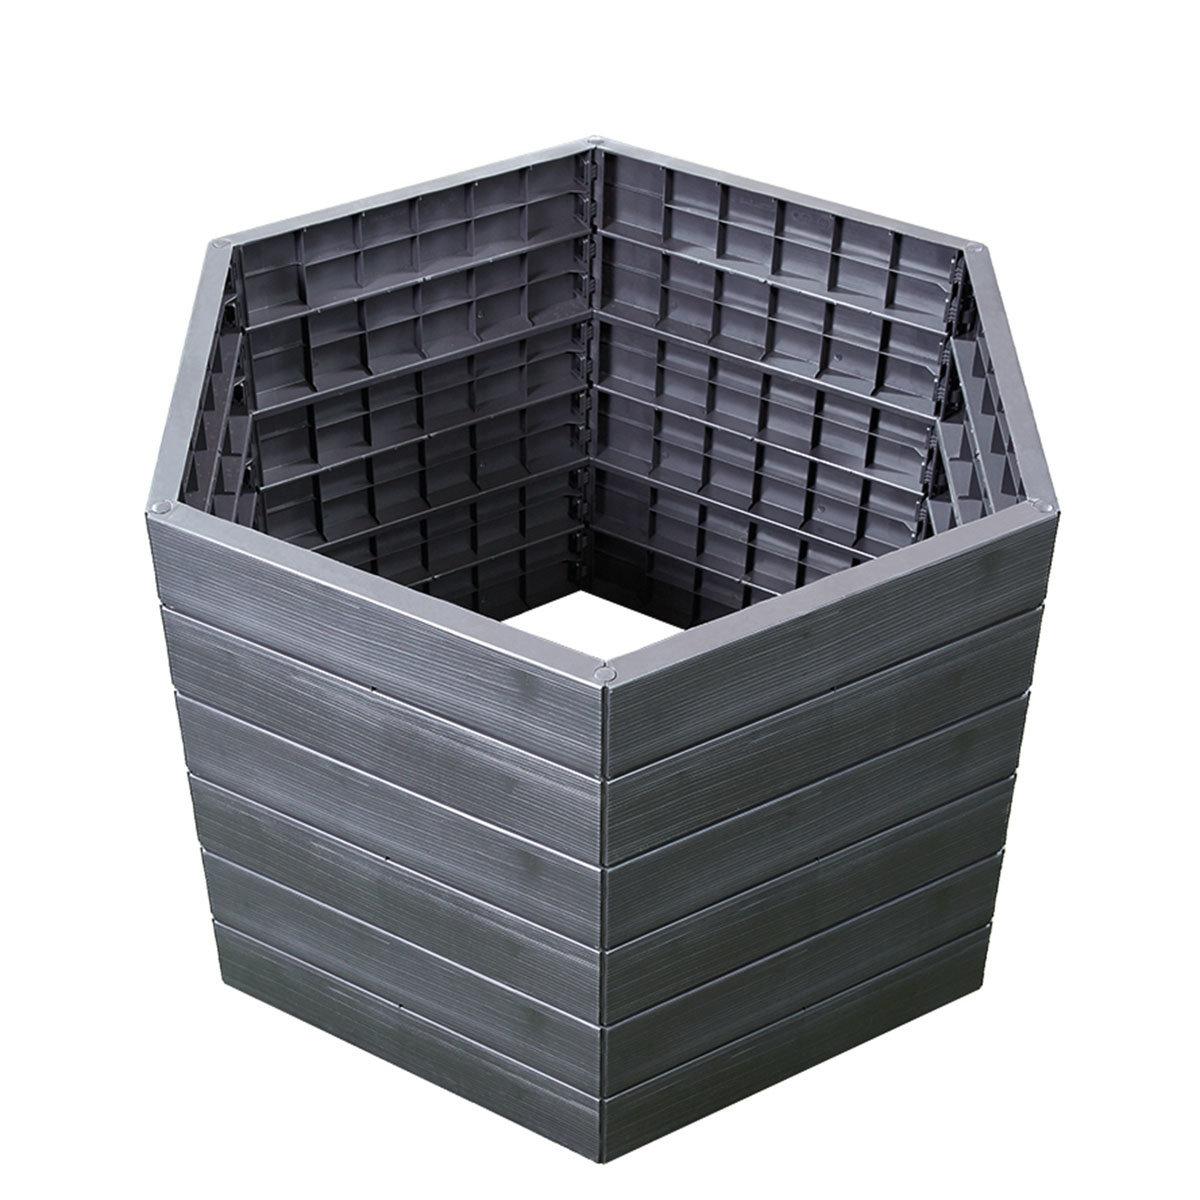 ERGO Hochbeet-System, Durchmesser 110xH 25 cm | #9